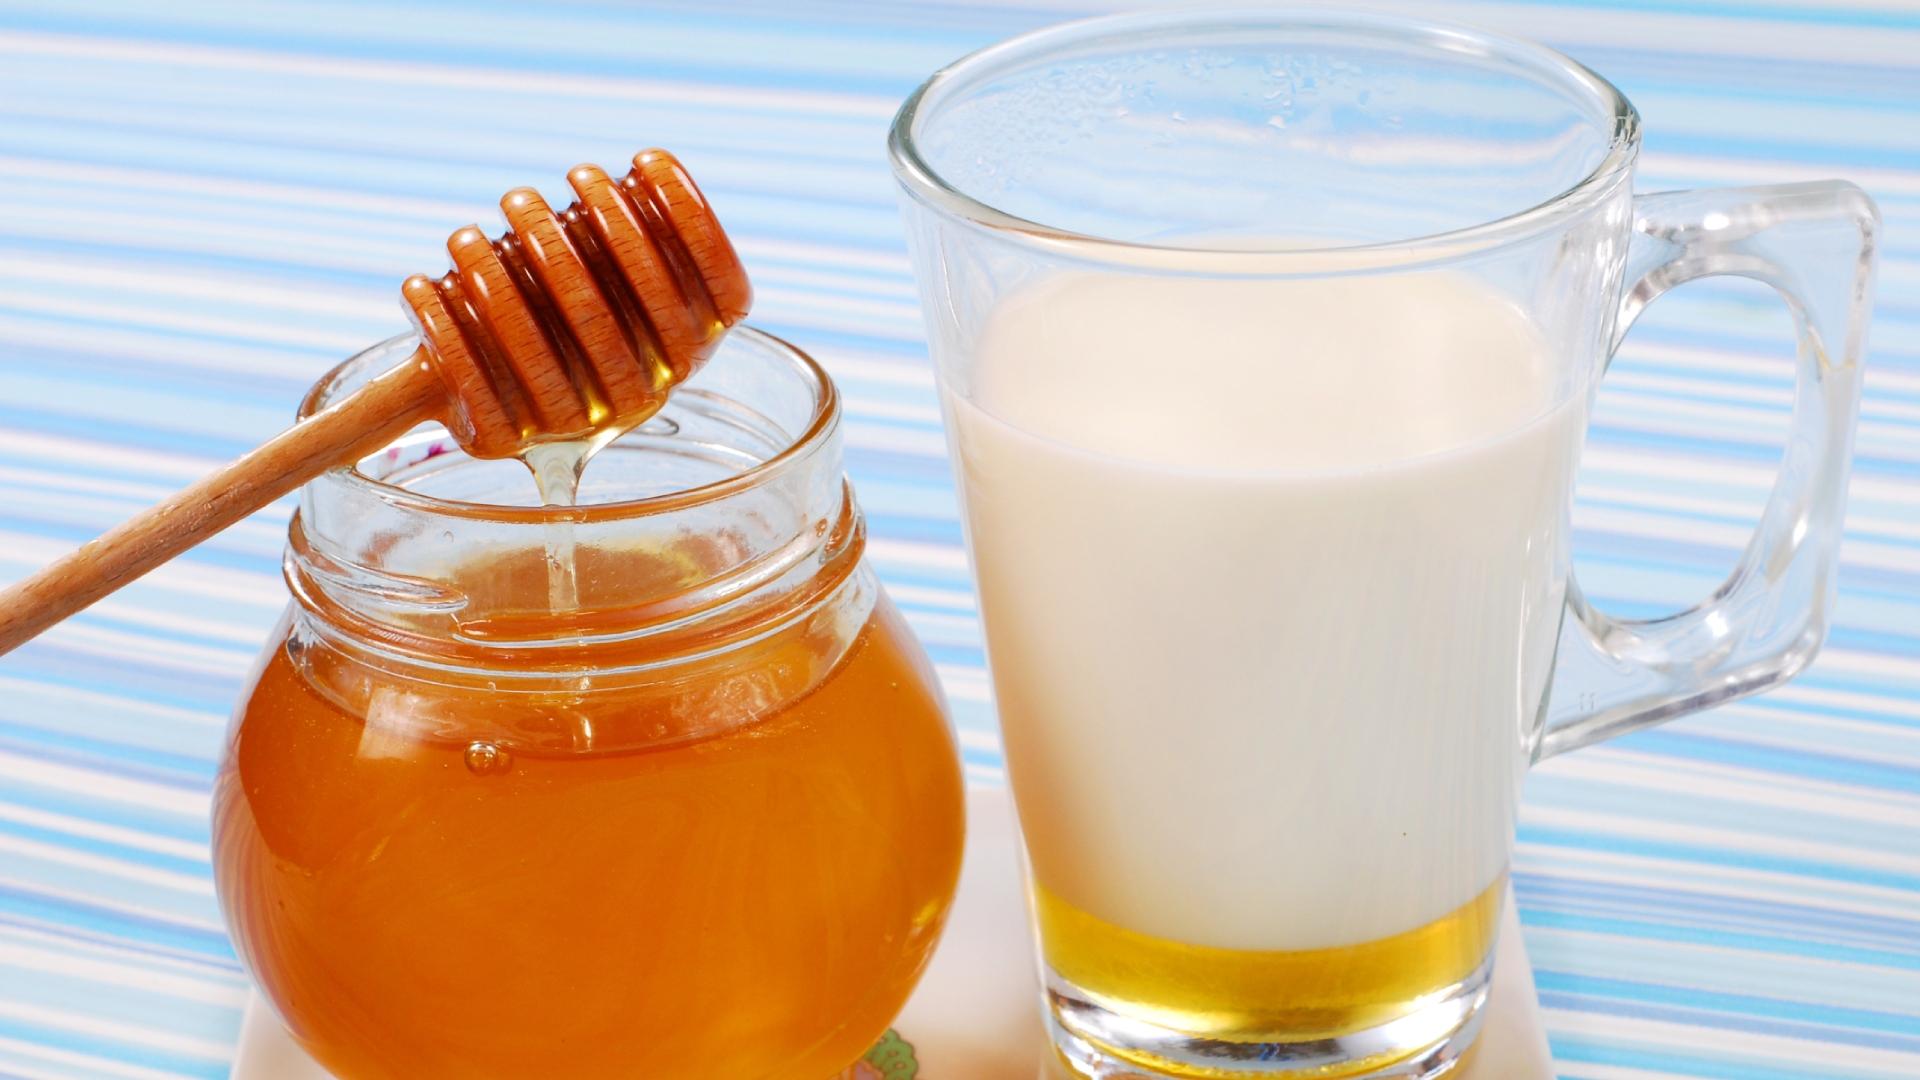 Health Tips: रोजाना दूध में शहद मिलाकर पीने से शरीर को होंगे ये 5 फायदे, जानकर रह जाएंगे हैरान